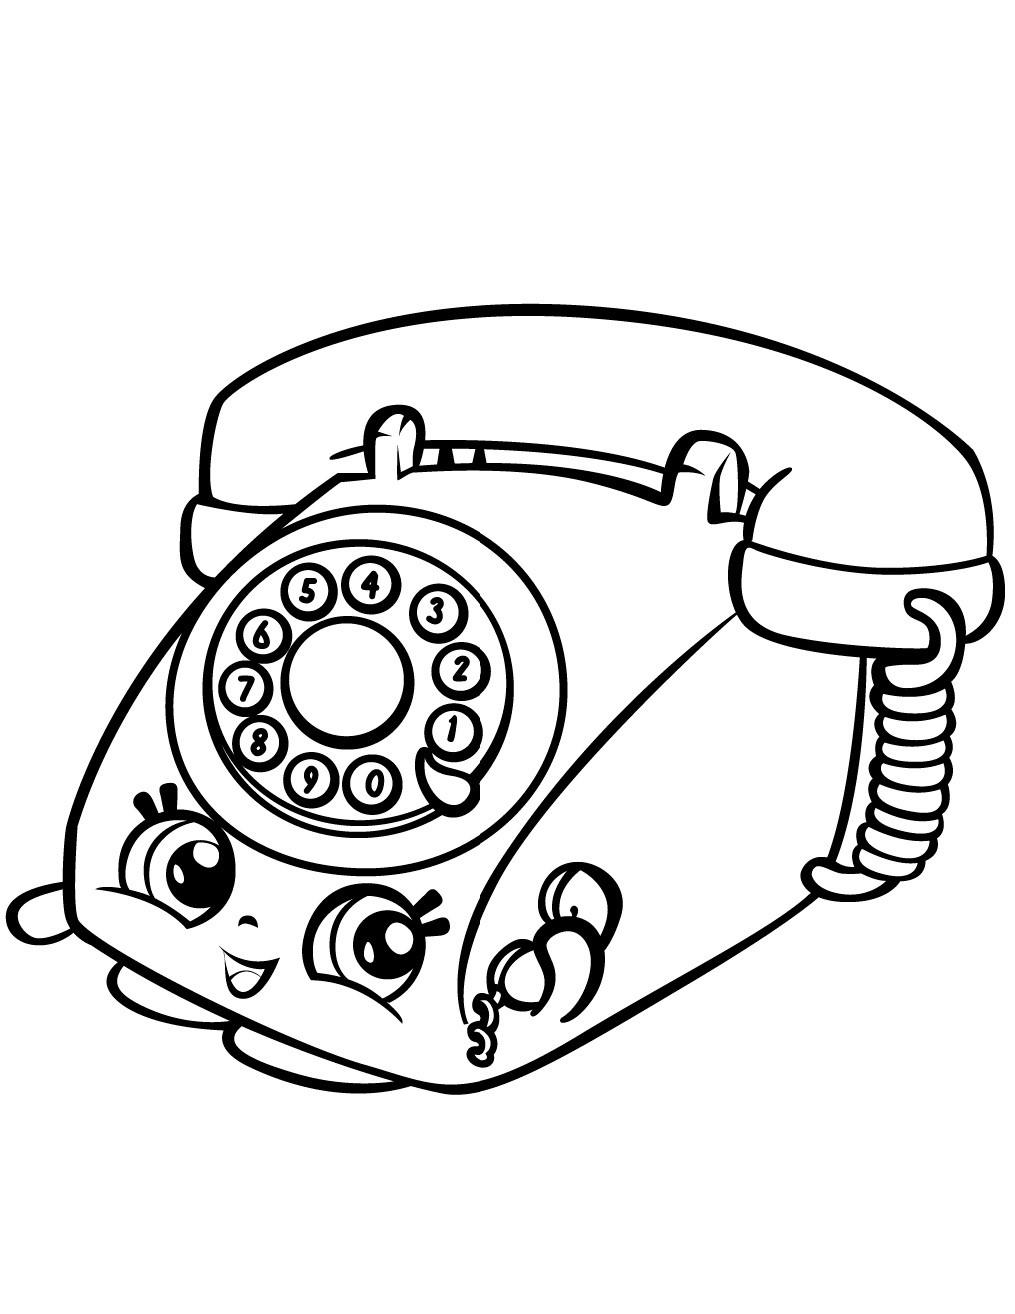 картинки телефона распечатать цветной французский маникюр